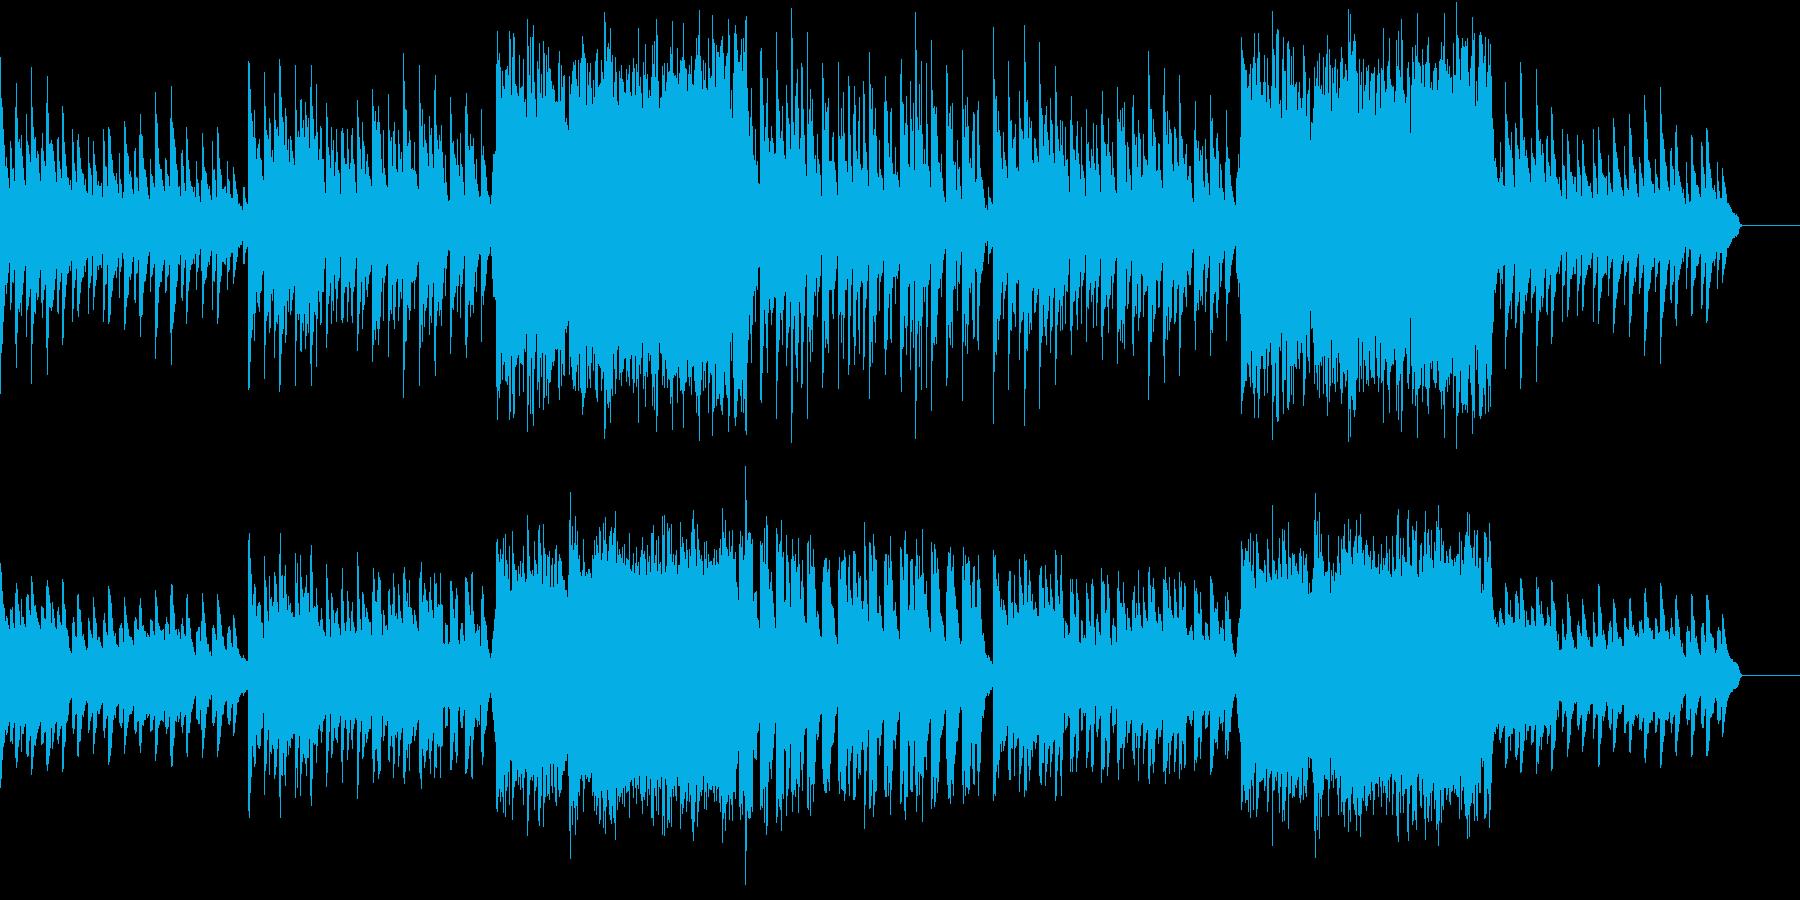 悩みや不安を表現している曲の再生済みの波形